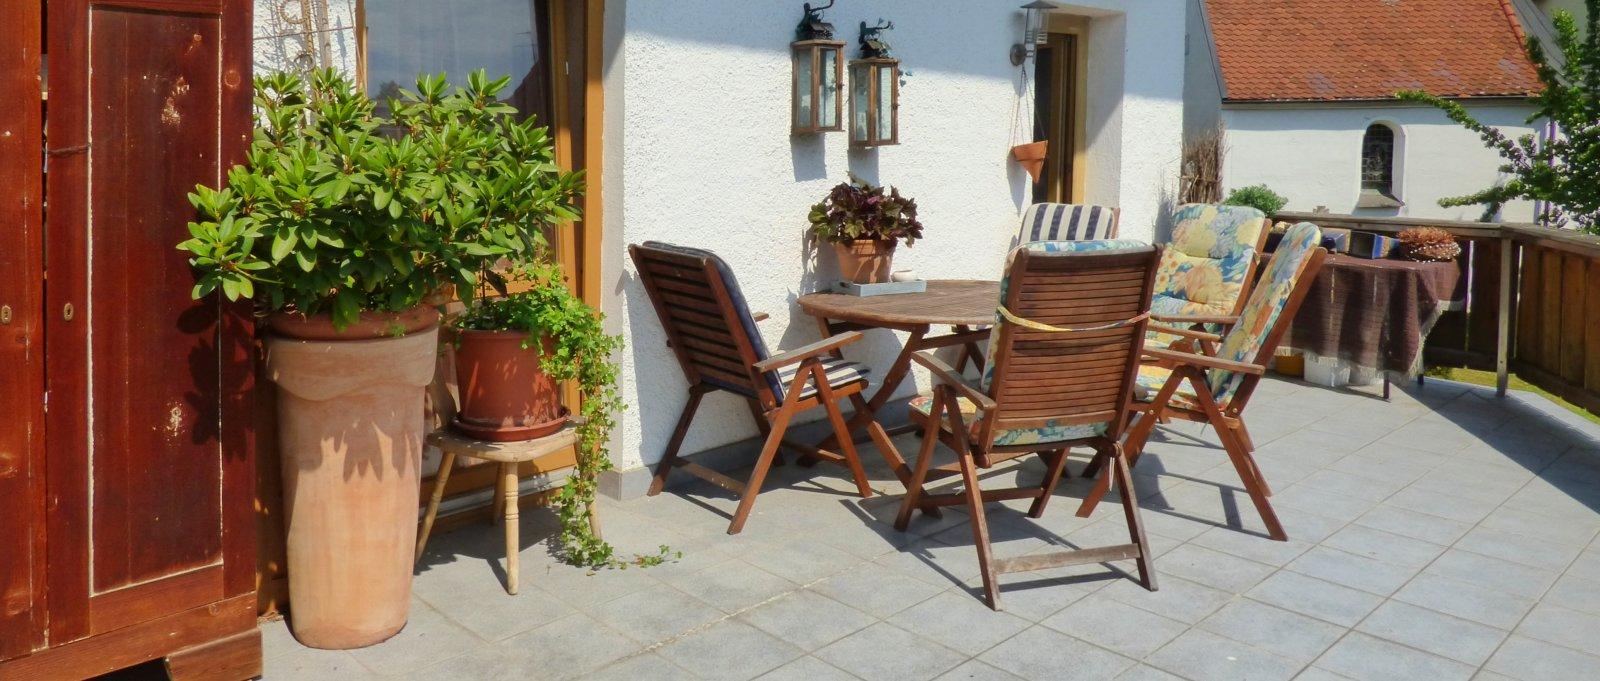 wieser-arnbruck-ferienwohnung-landkreis-regen-balkon-terrasse